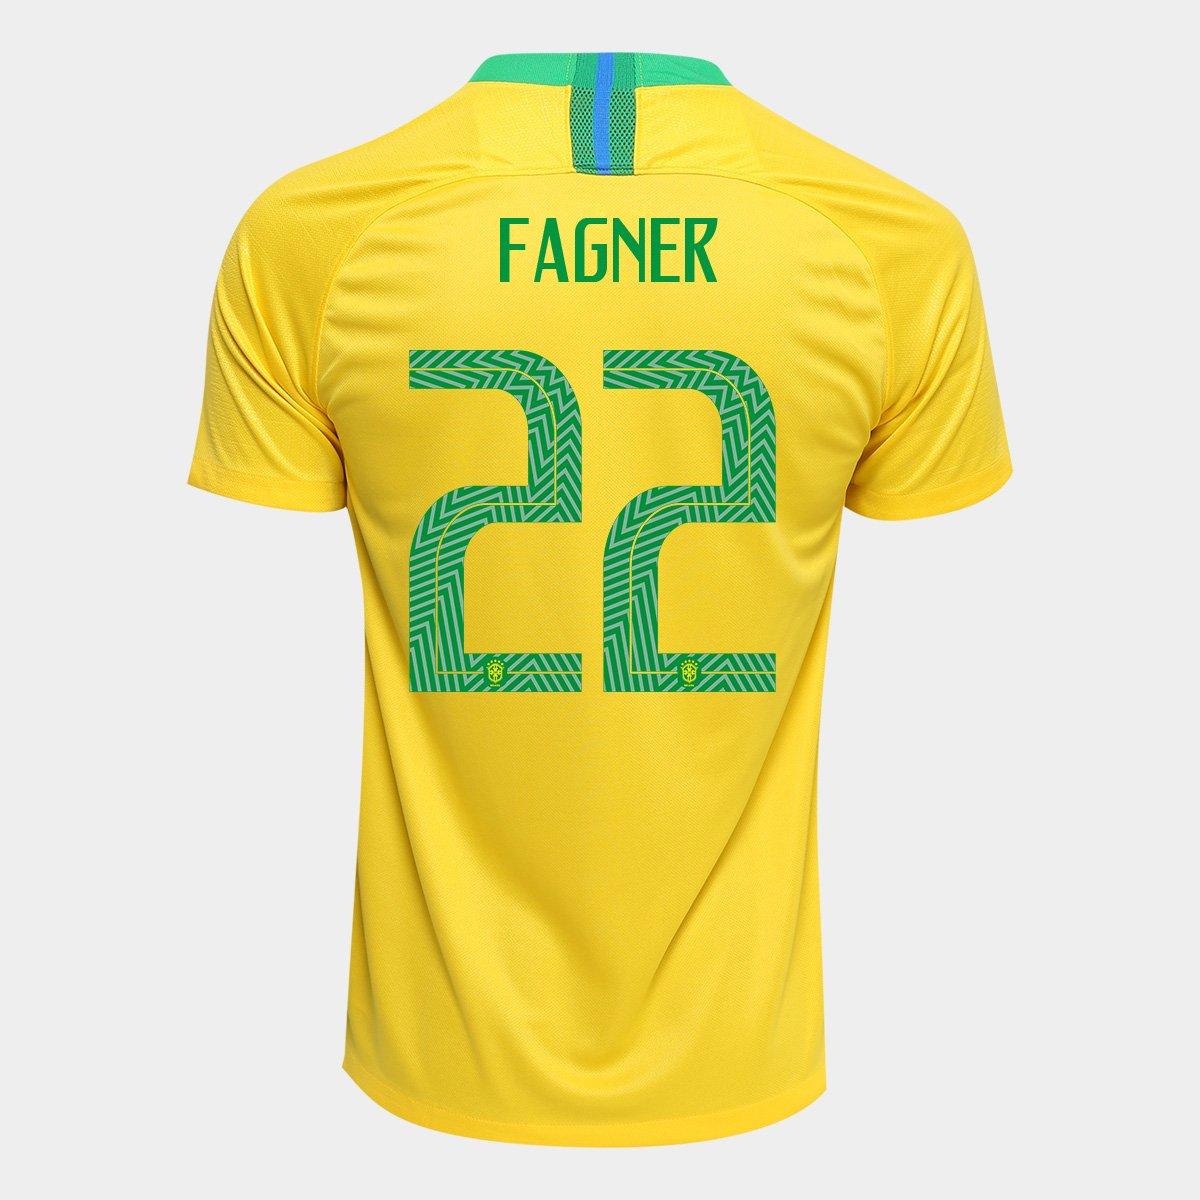 55c3e8a0f9 Camisa Seleção Brasil I 2018 nº 22 Fagner - Torcedor Nike Masculina -  Amarelo e Verde - Compre Agora